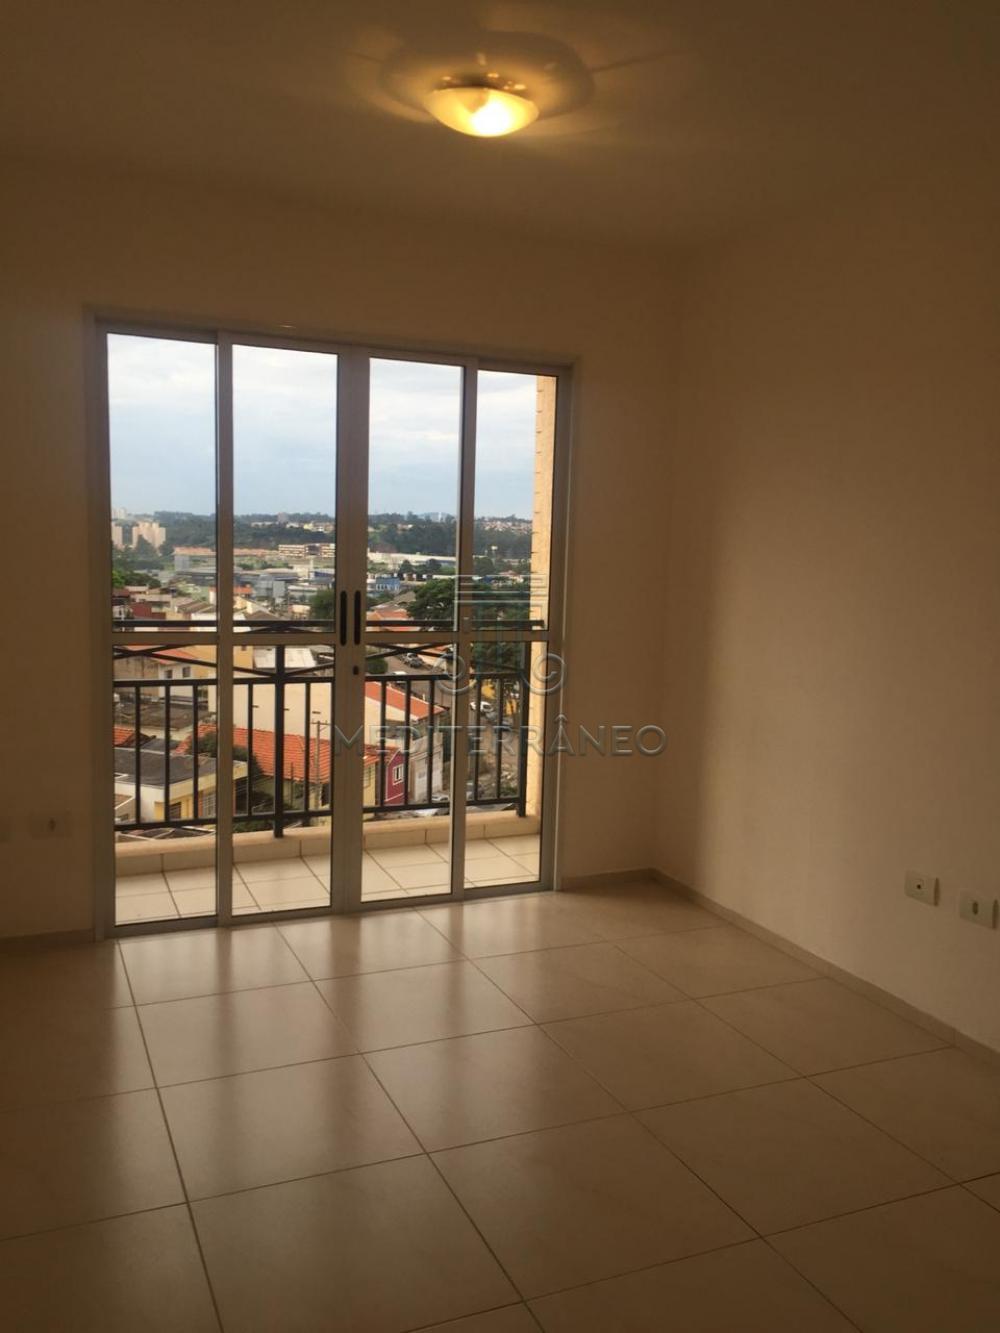 Alugar Apartamento / Padrão em Jundiaí apenas R$ 1.200,00 - Foto 1